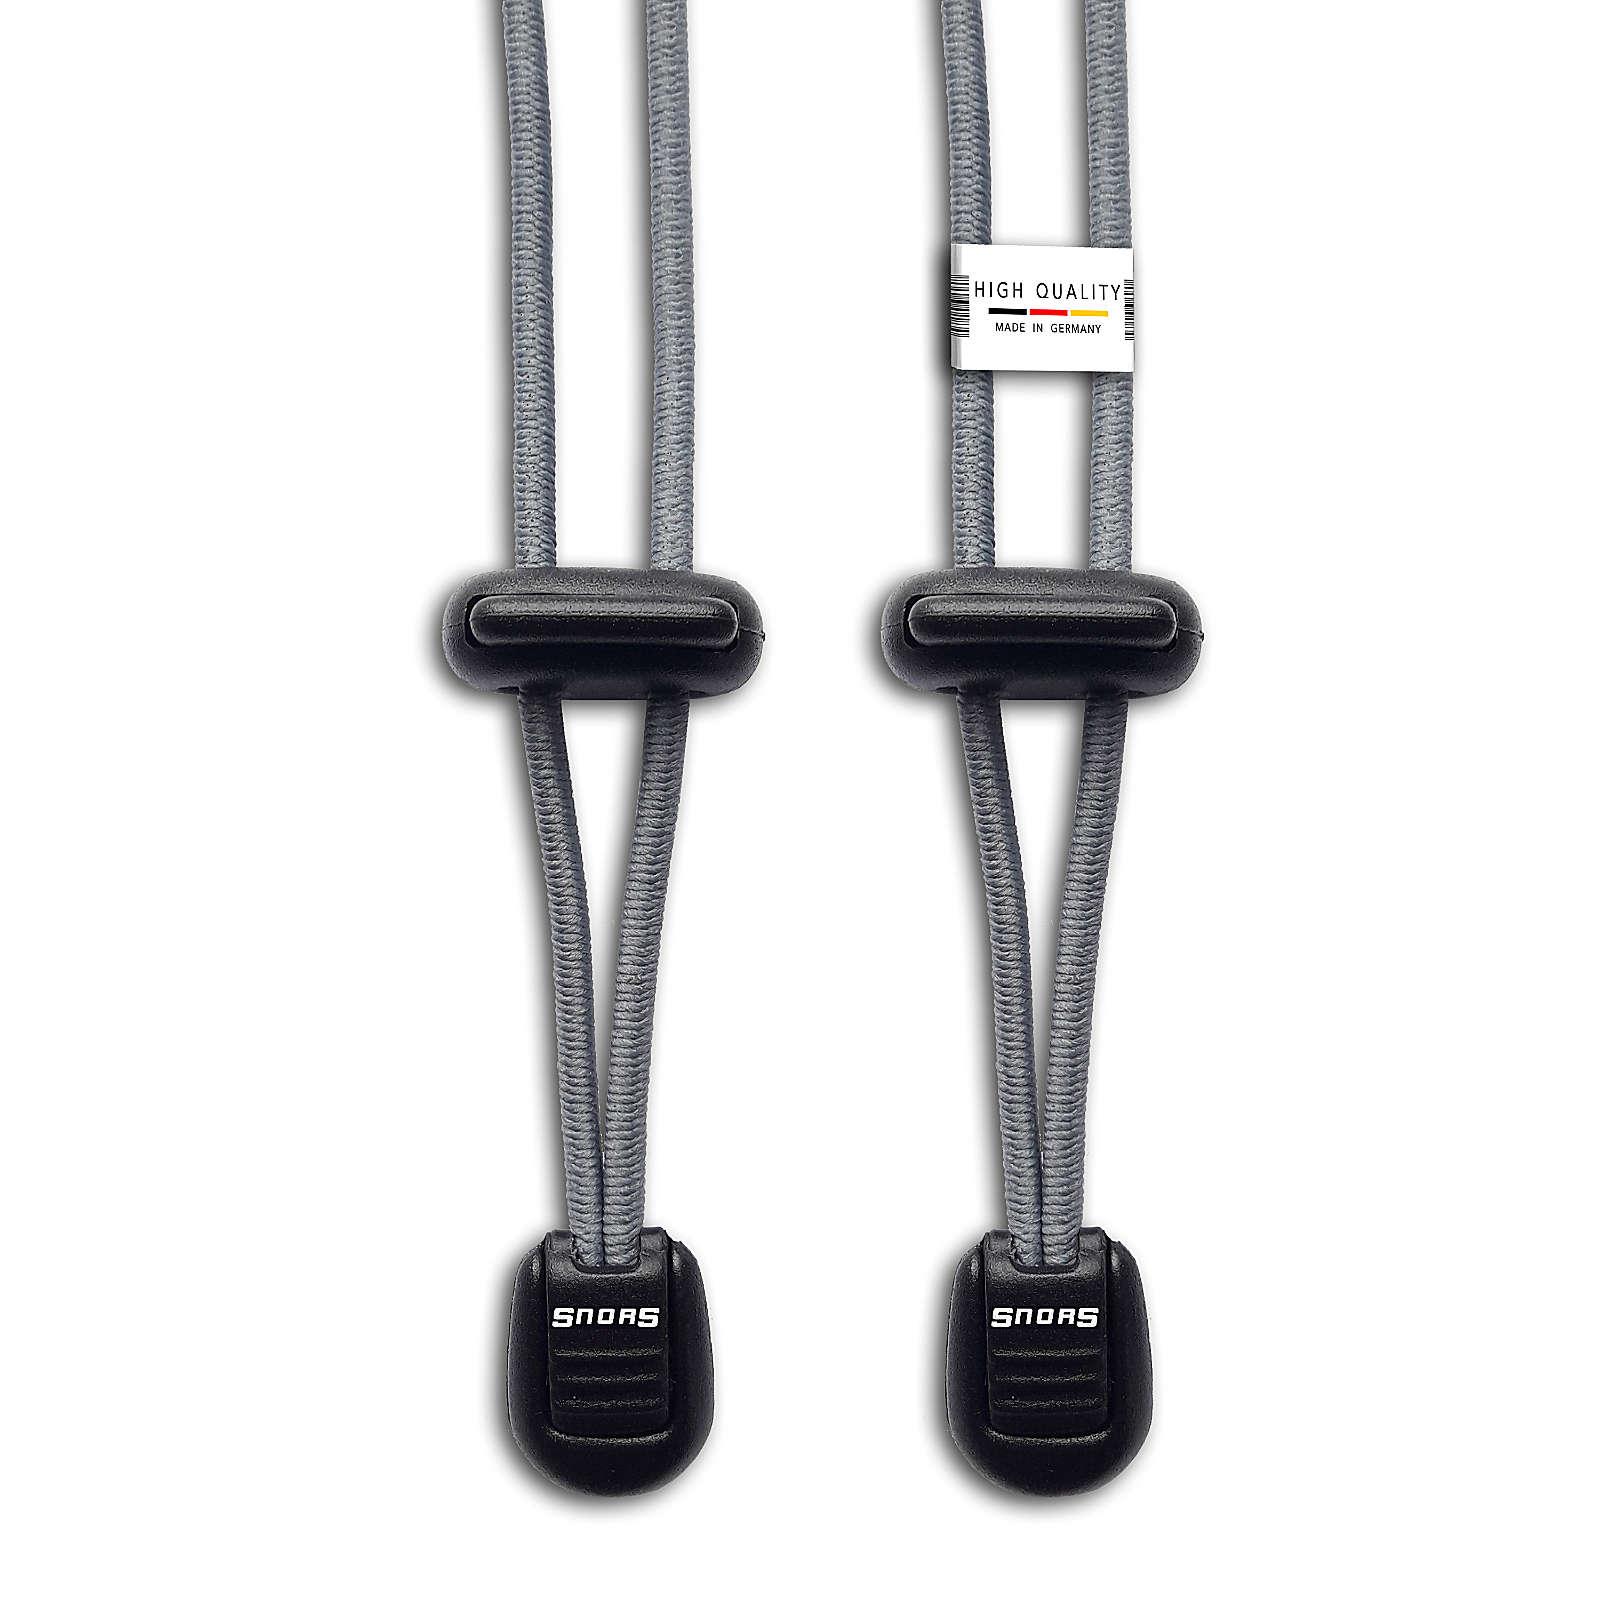 SNORS shoefriends Schnürsystem 120cm - elastische Schnürsenkel mit Schnellverschluss Schnürsenkel grau Gr. 120